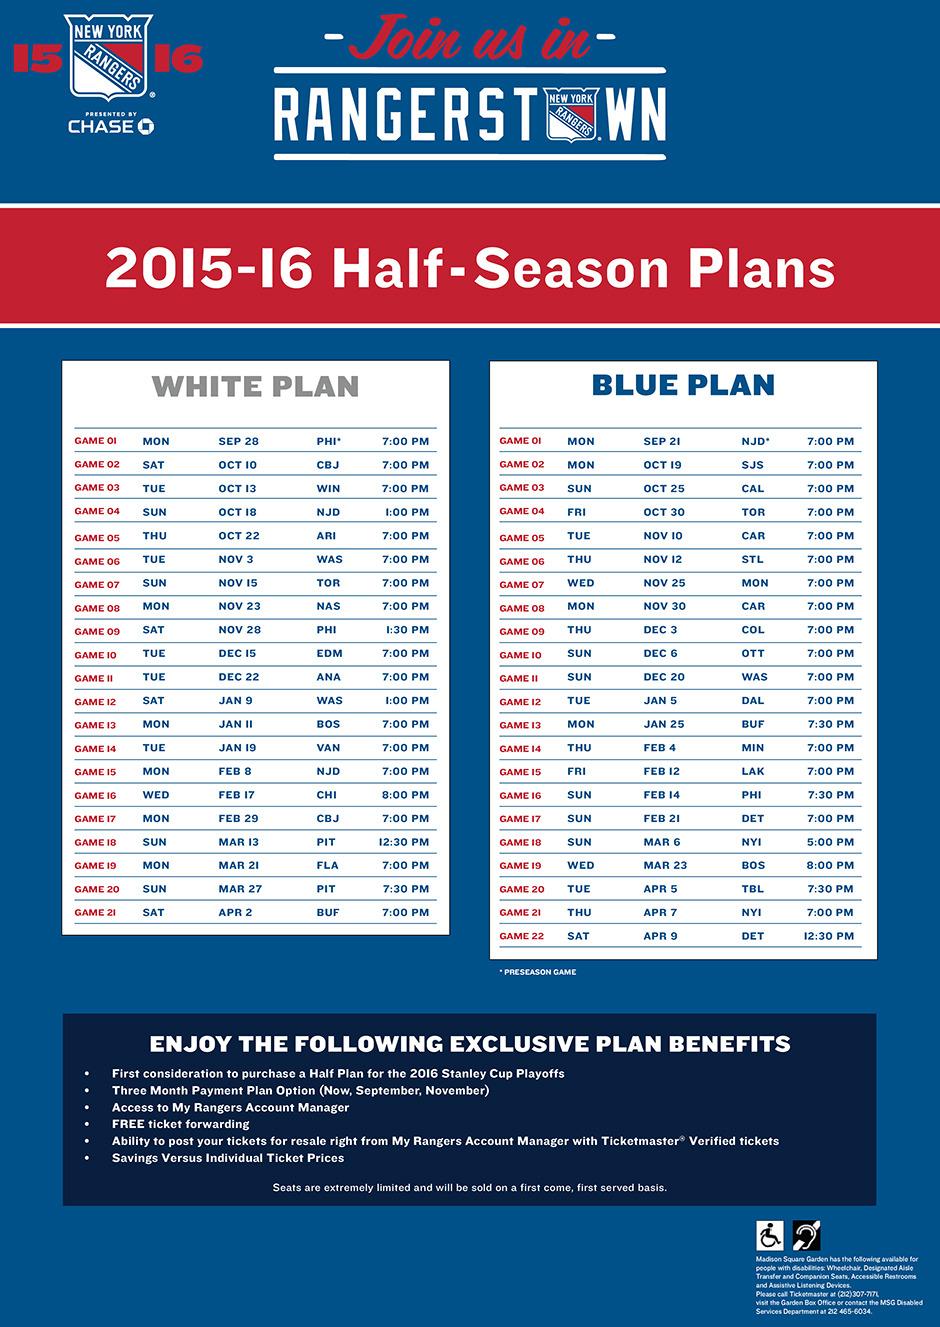 New York Rangers Schedule Wallpaper - WallpaperSafari